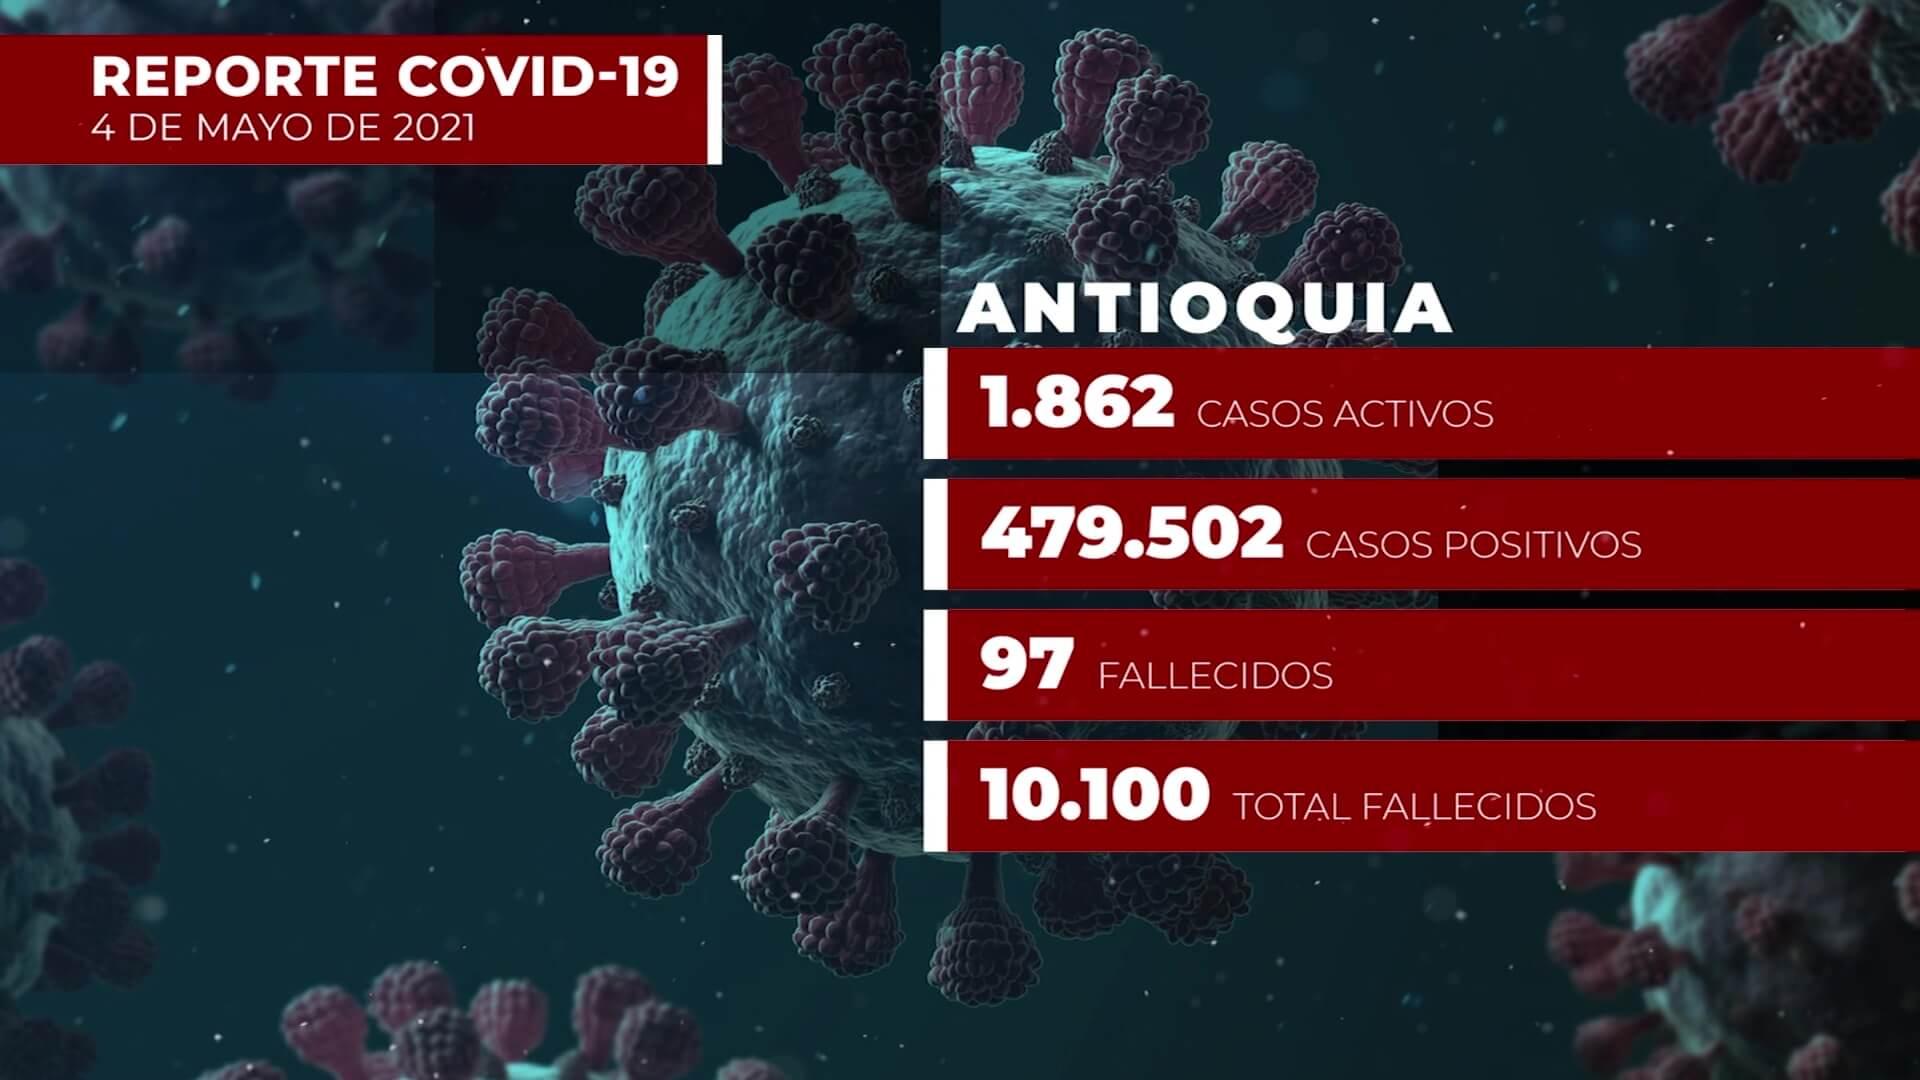 Covid-19 en Antioquia: 1.862 nuevos contagios este martes